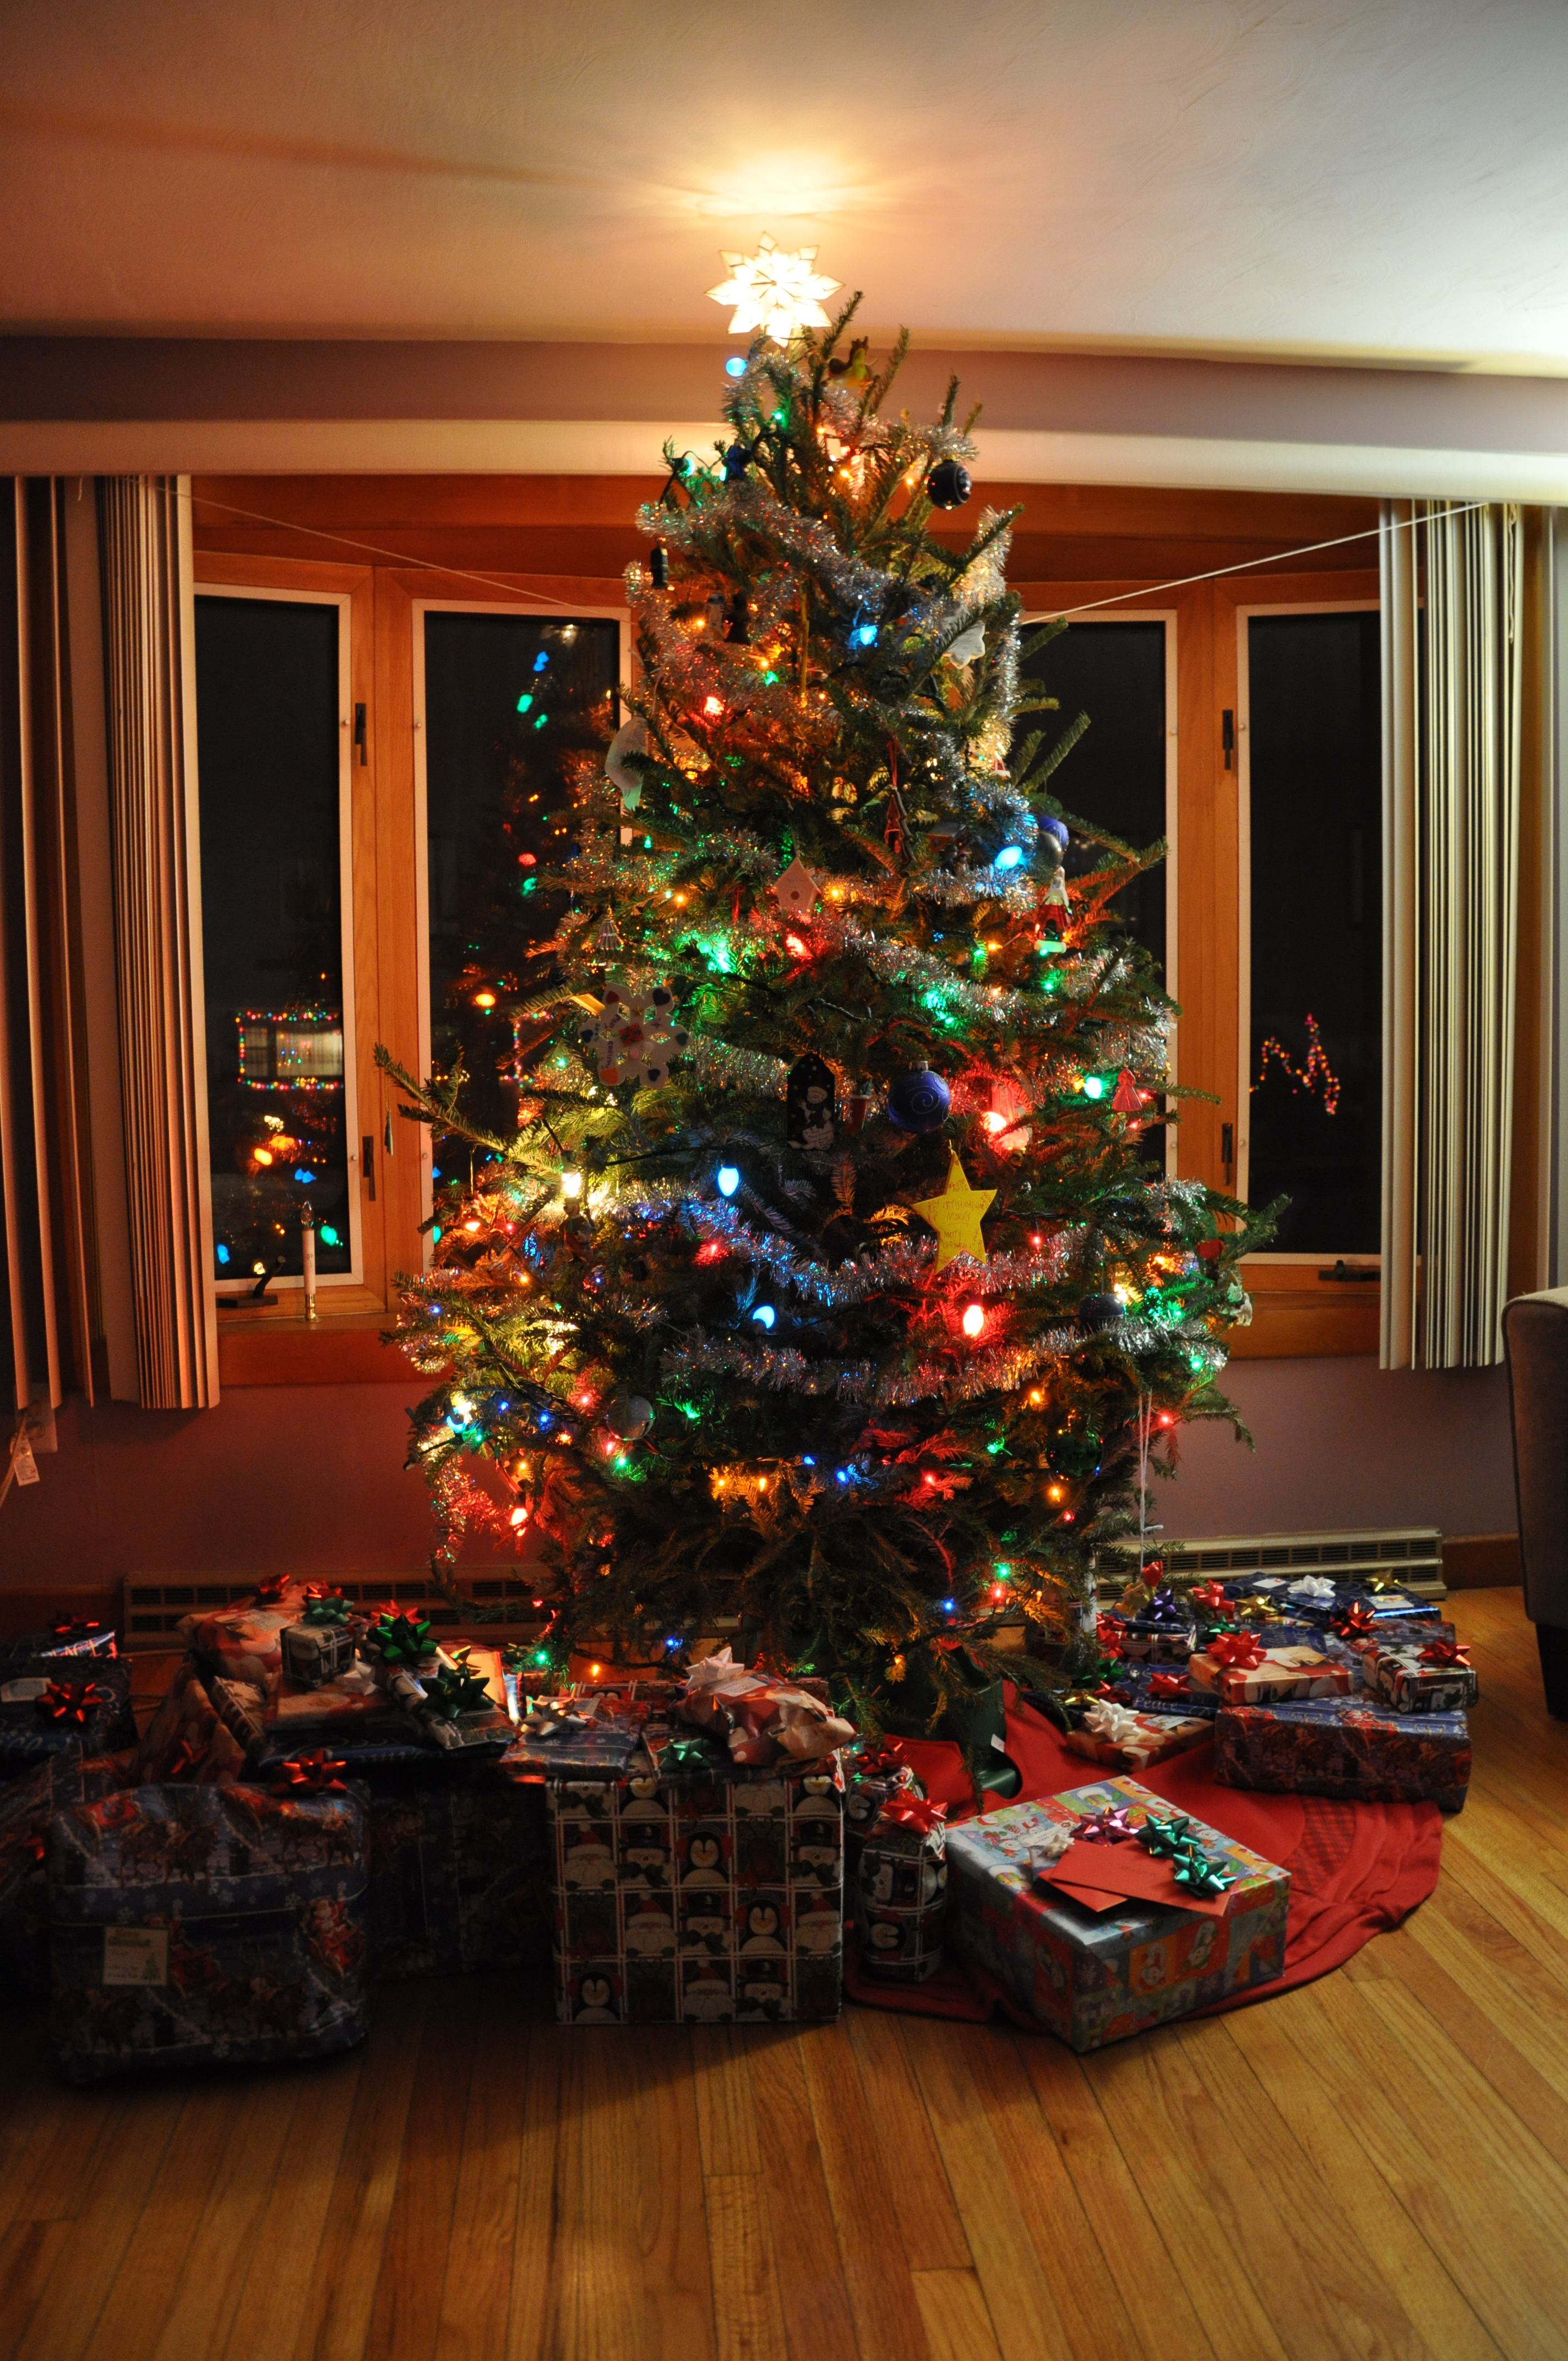 2010-12-24&25 Christmas 003